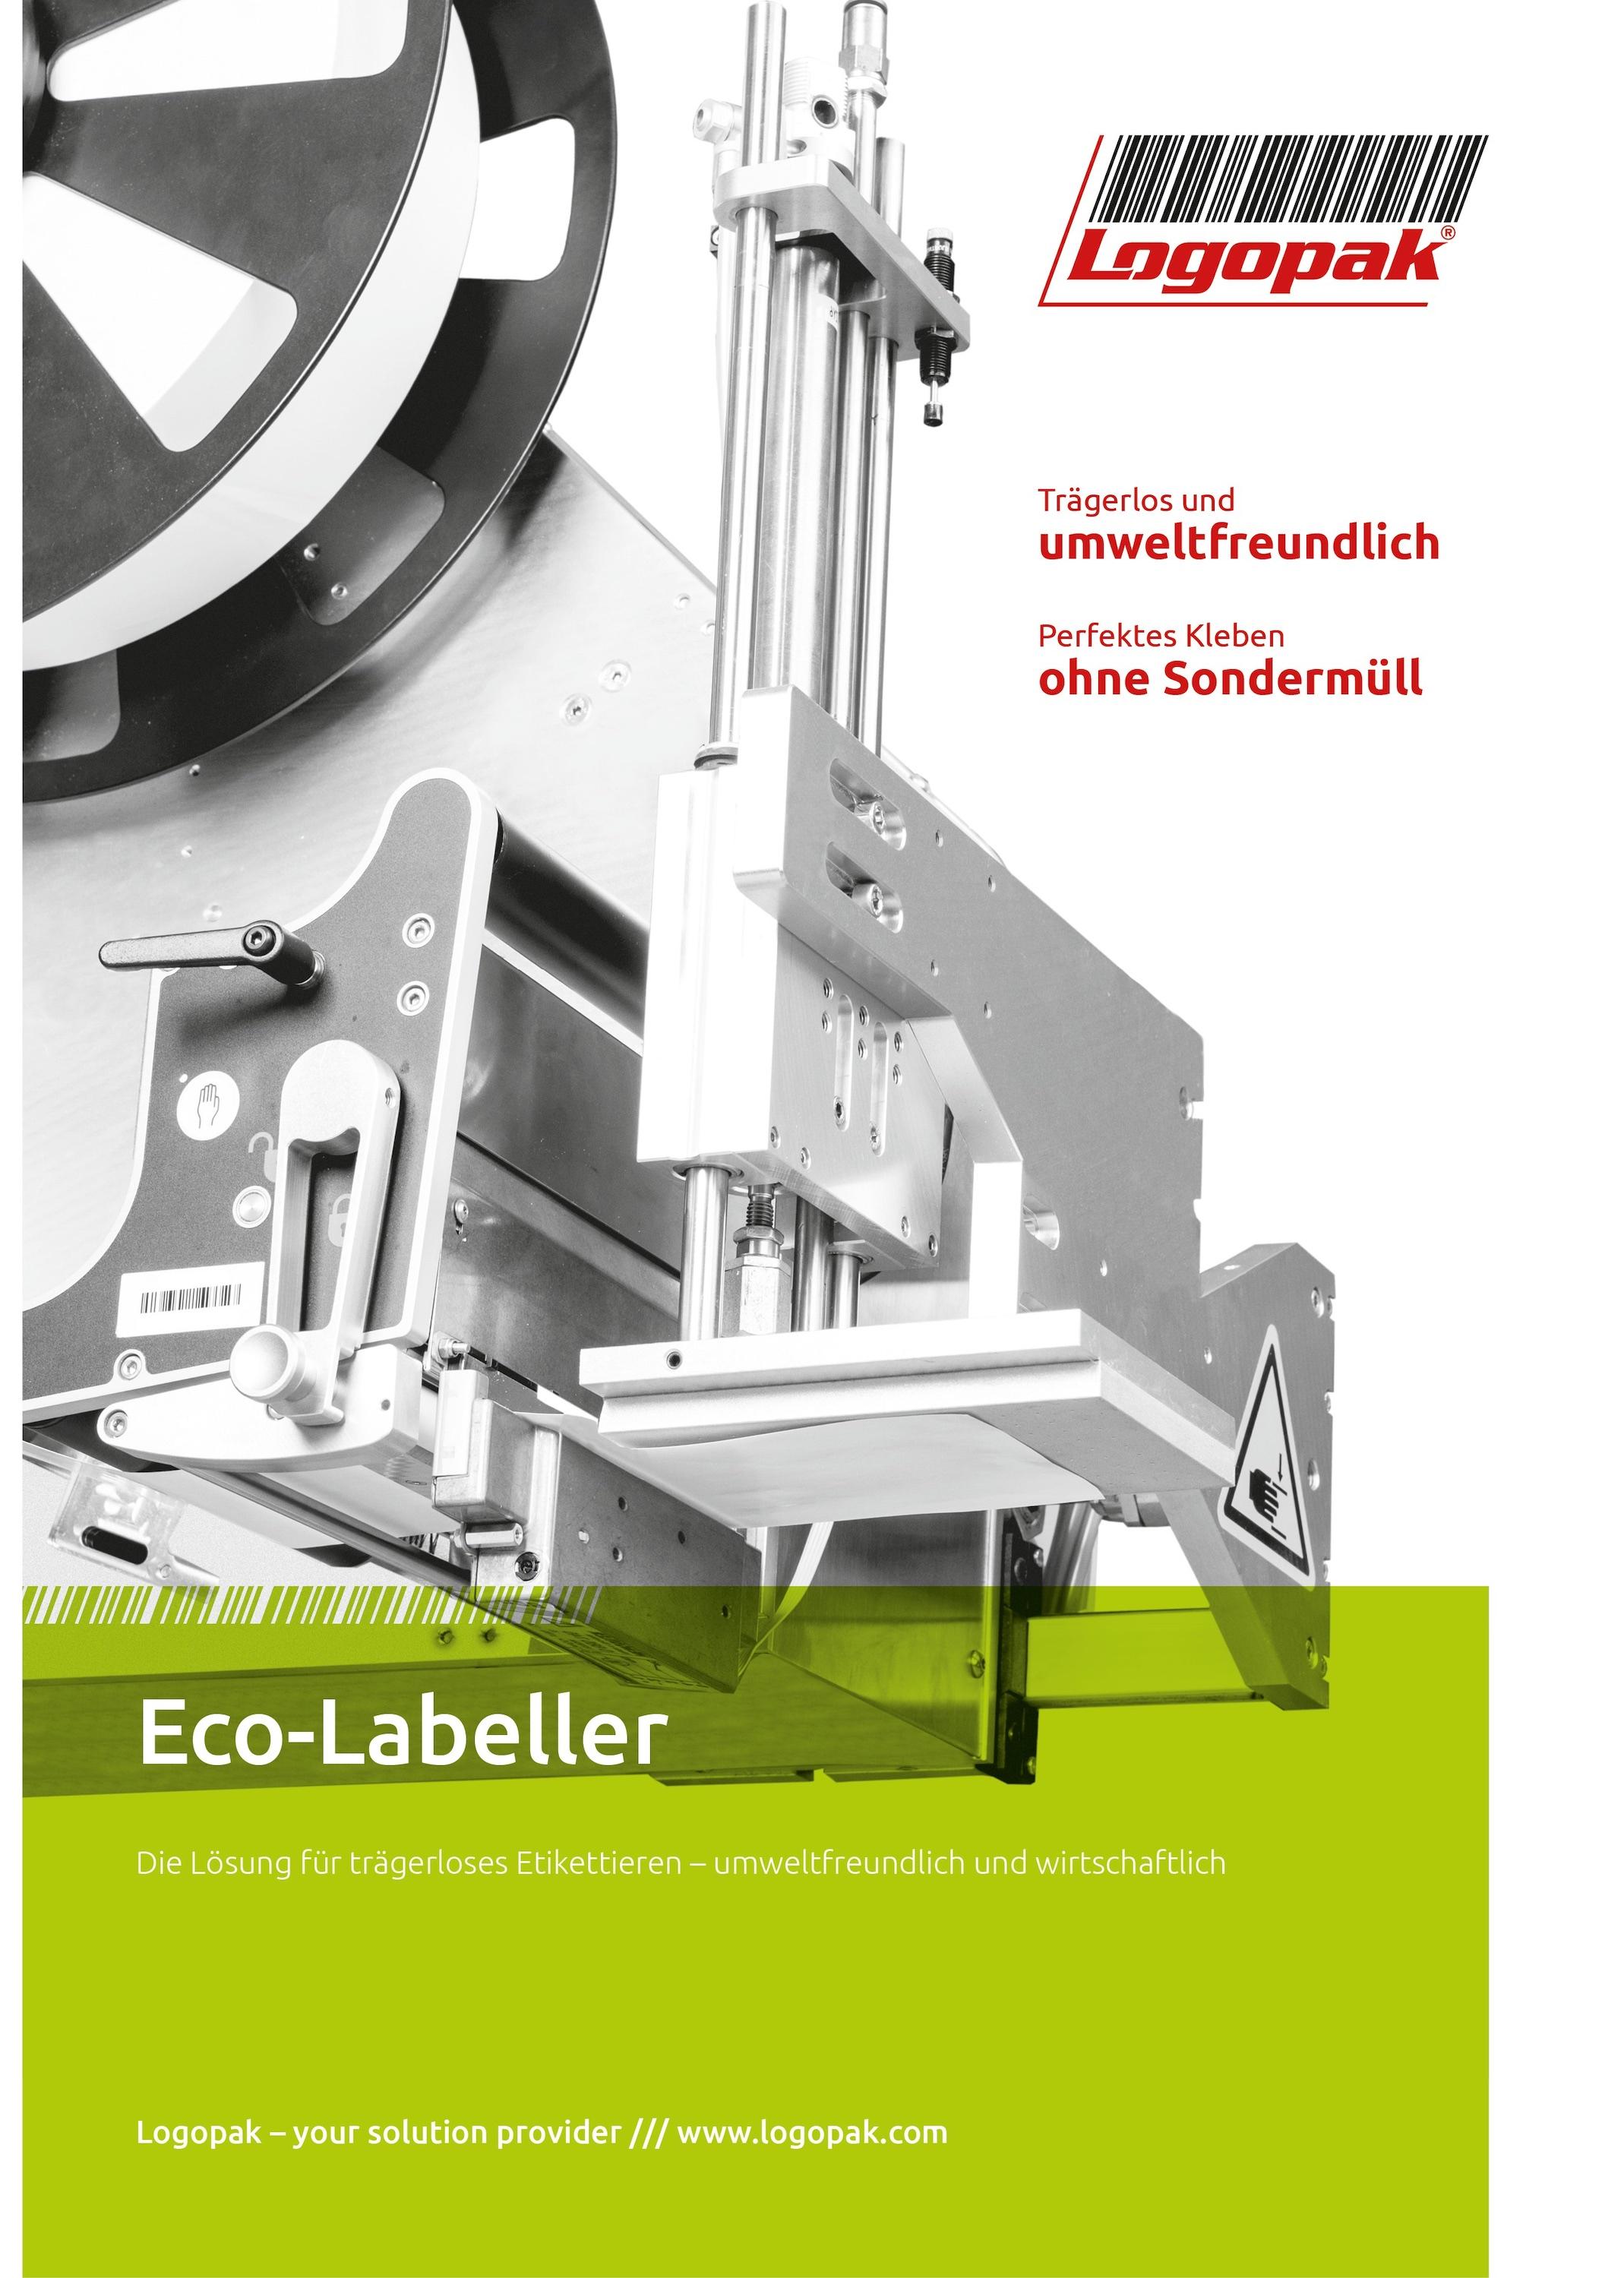 Logopak: Etikettier-Experte mit 20 Jahren RFID-Erfahrung